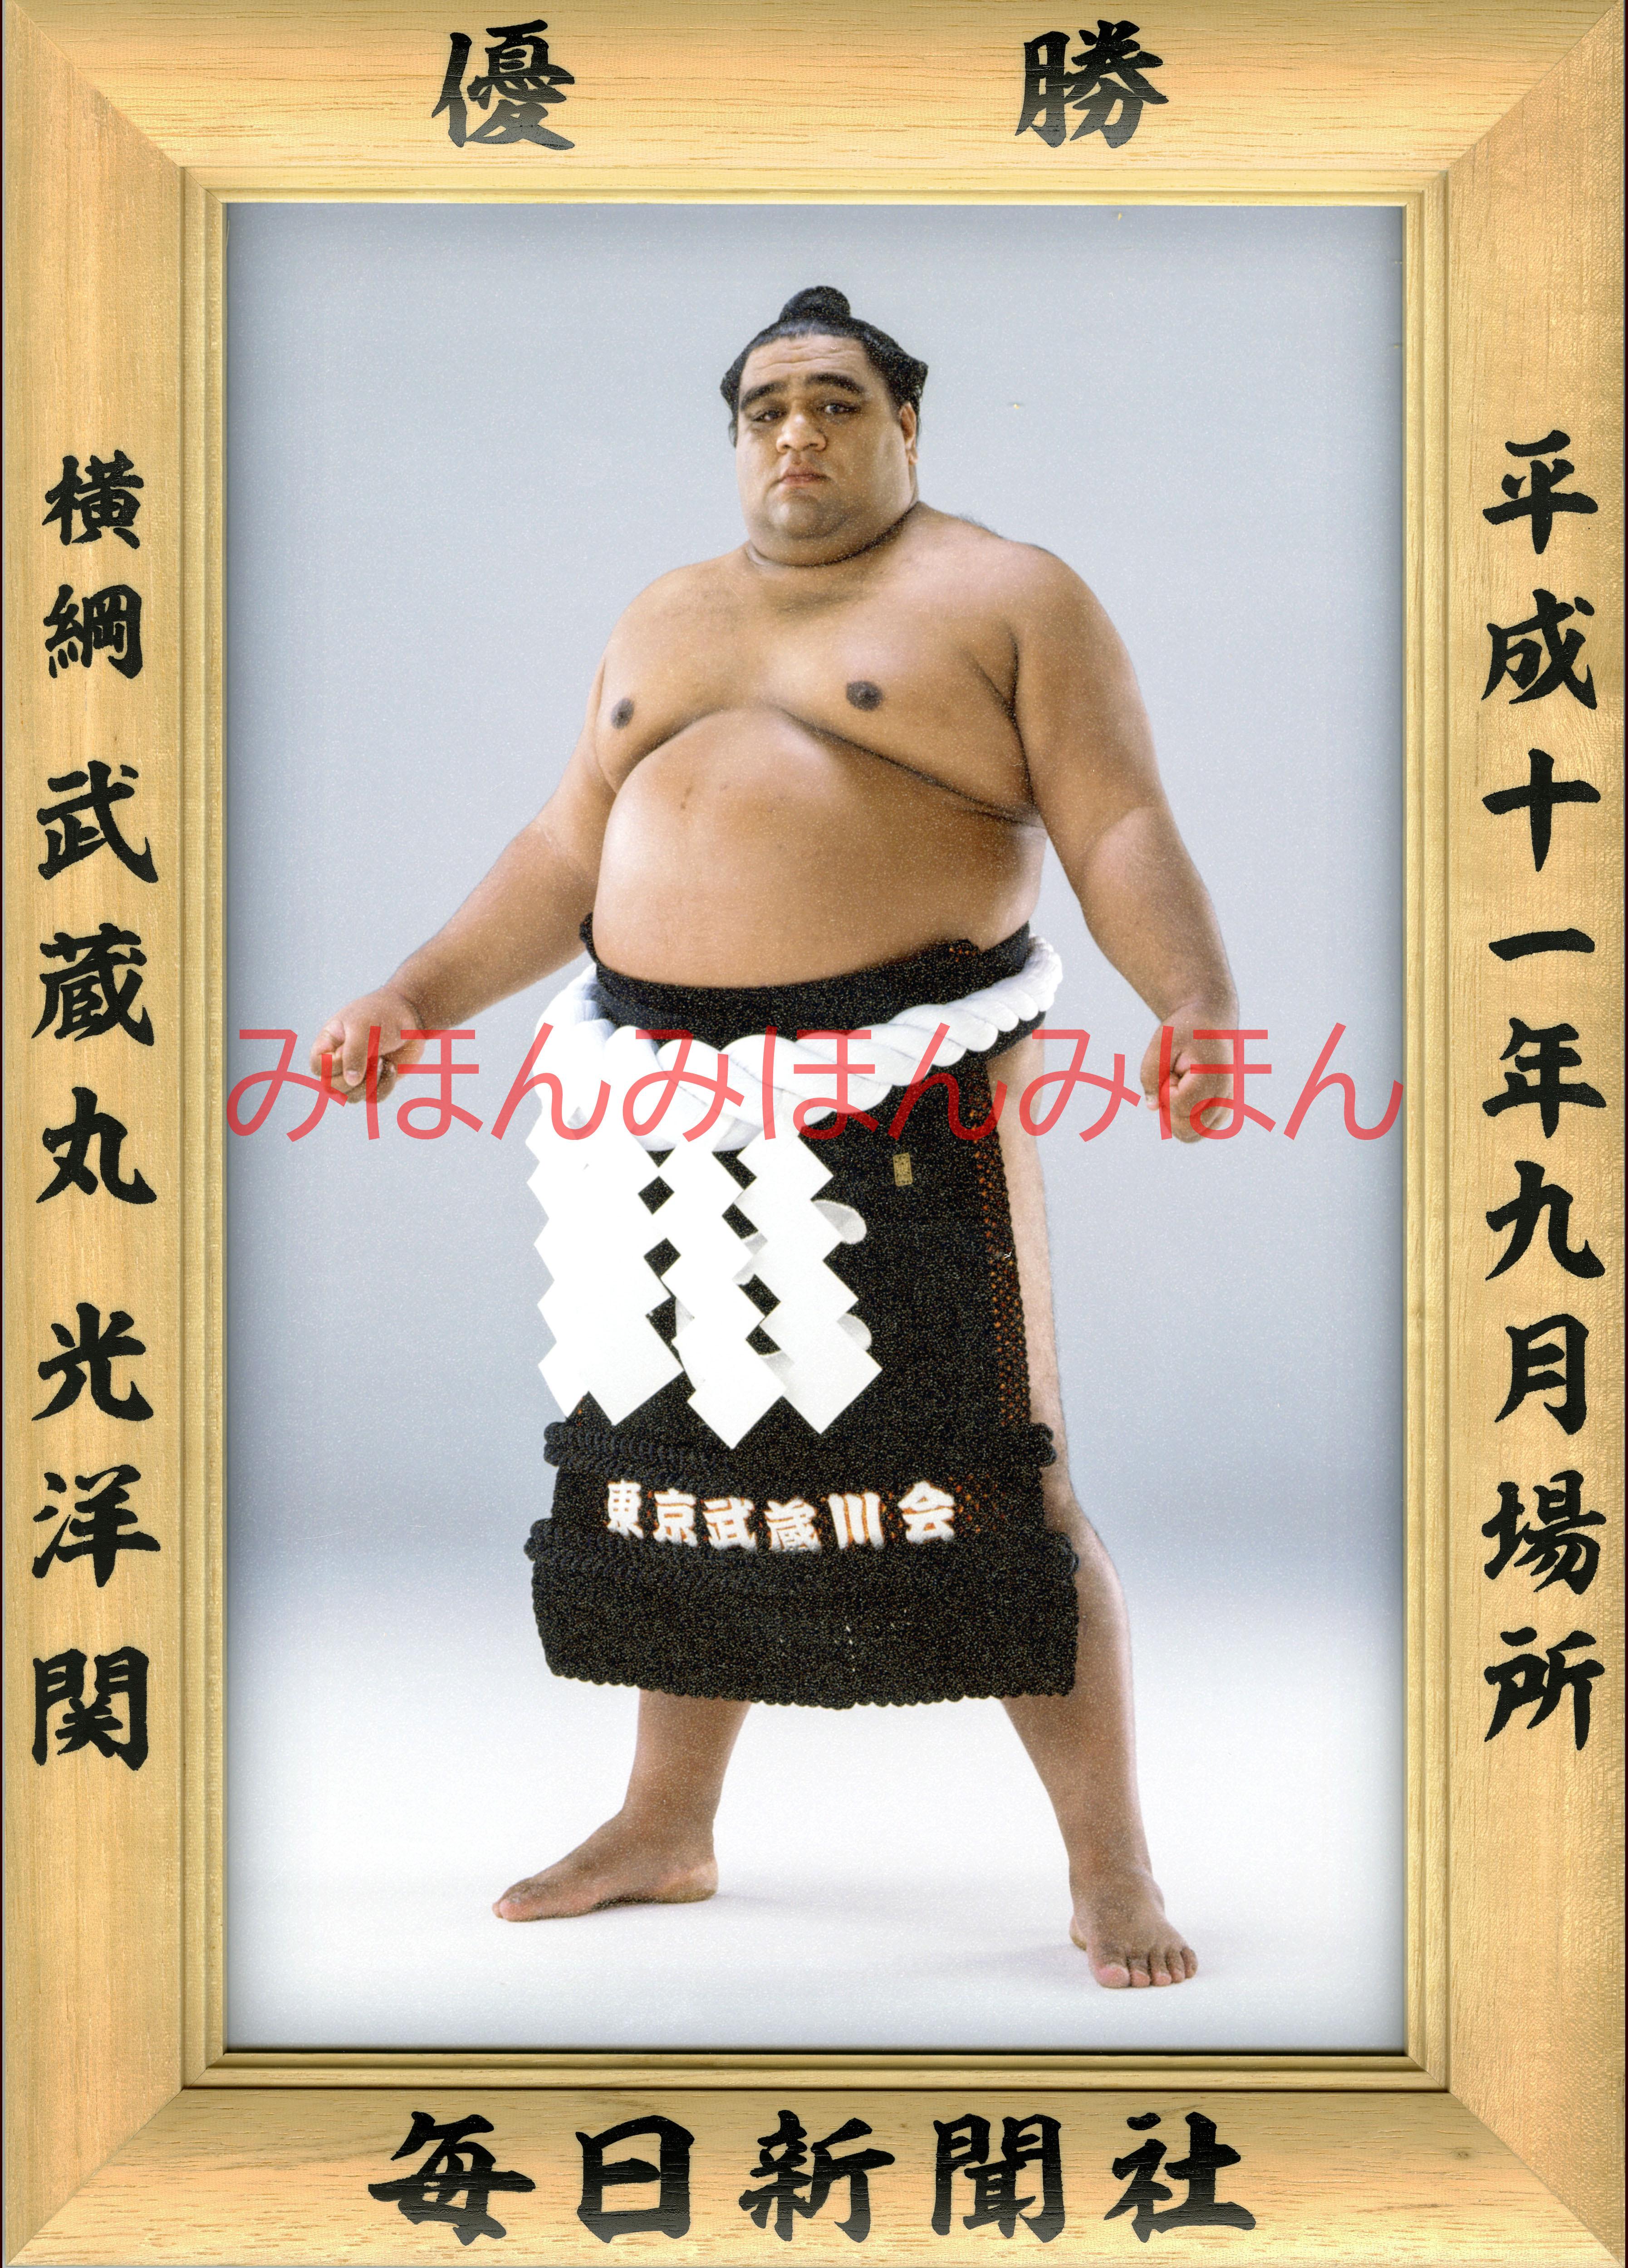 平成11年9月場所優勝 横綱 武蔵丸光洋関(6回目の優勝)